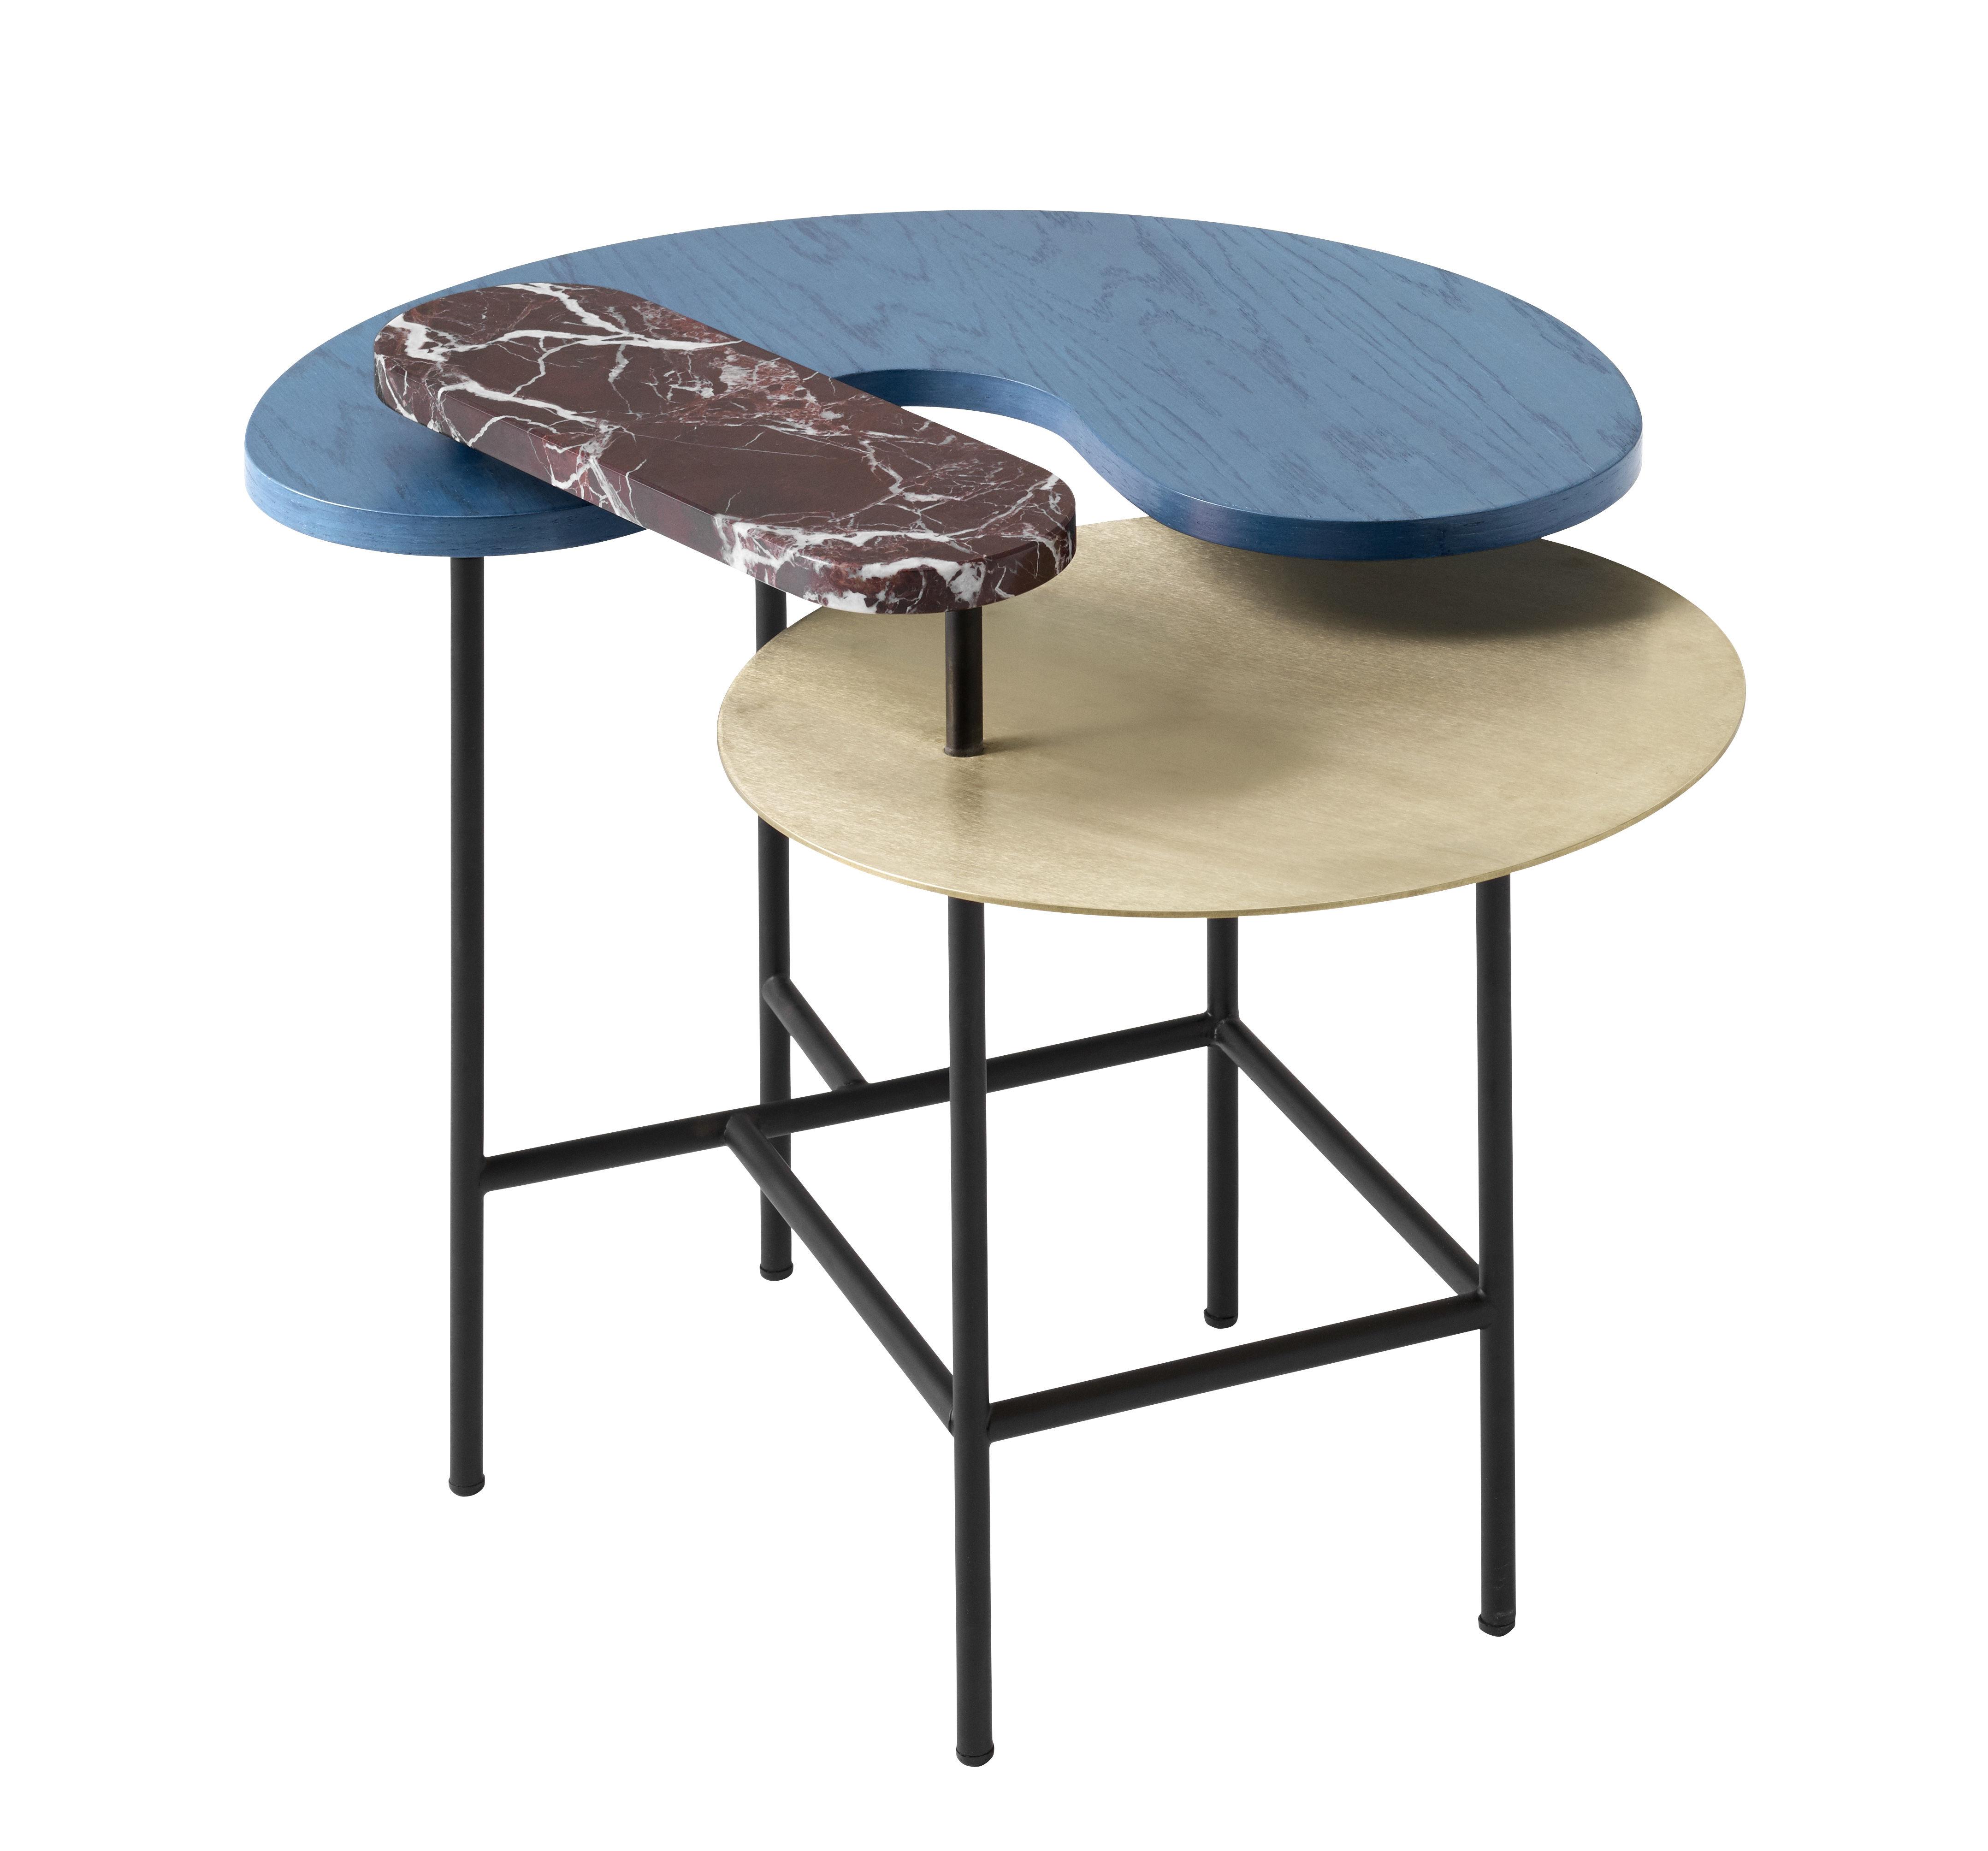 Table basse palette jh8 3 plateaux bleu rouge et or - Table basse noir et rouge ...